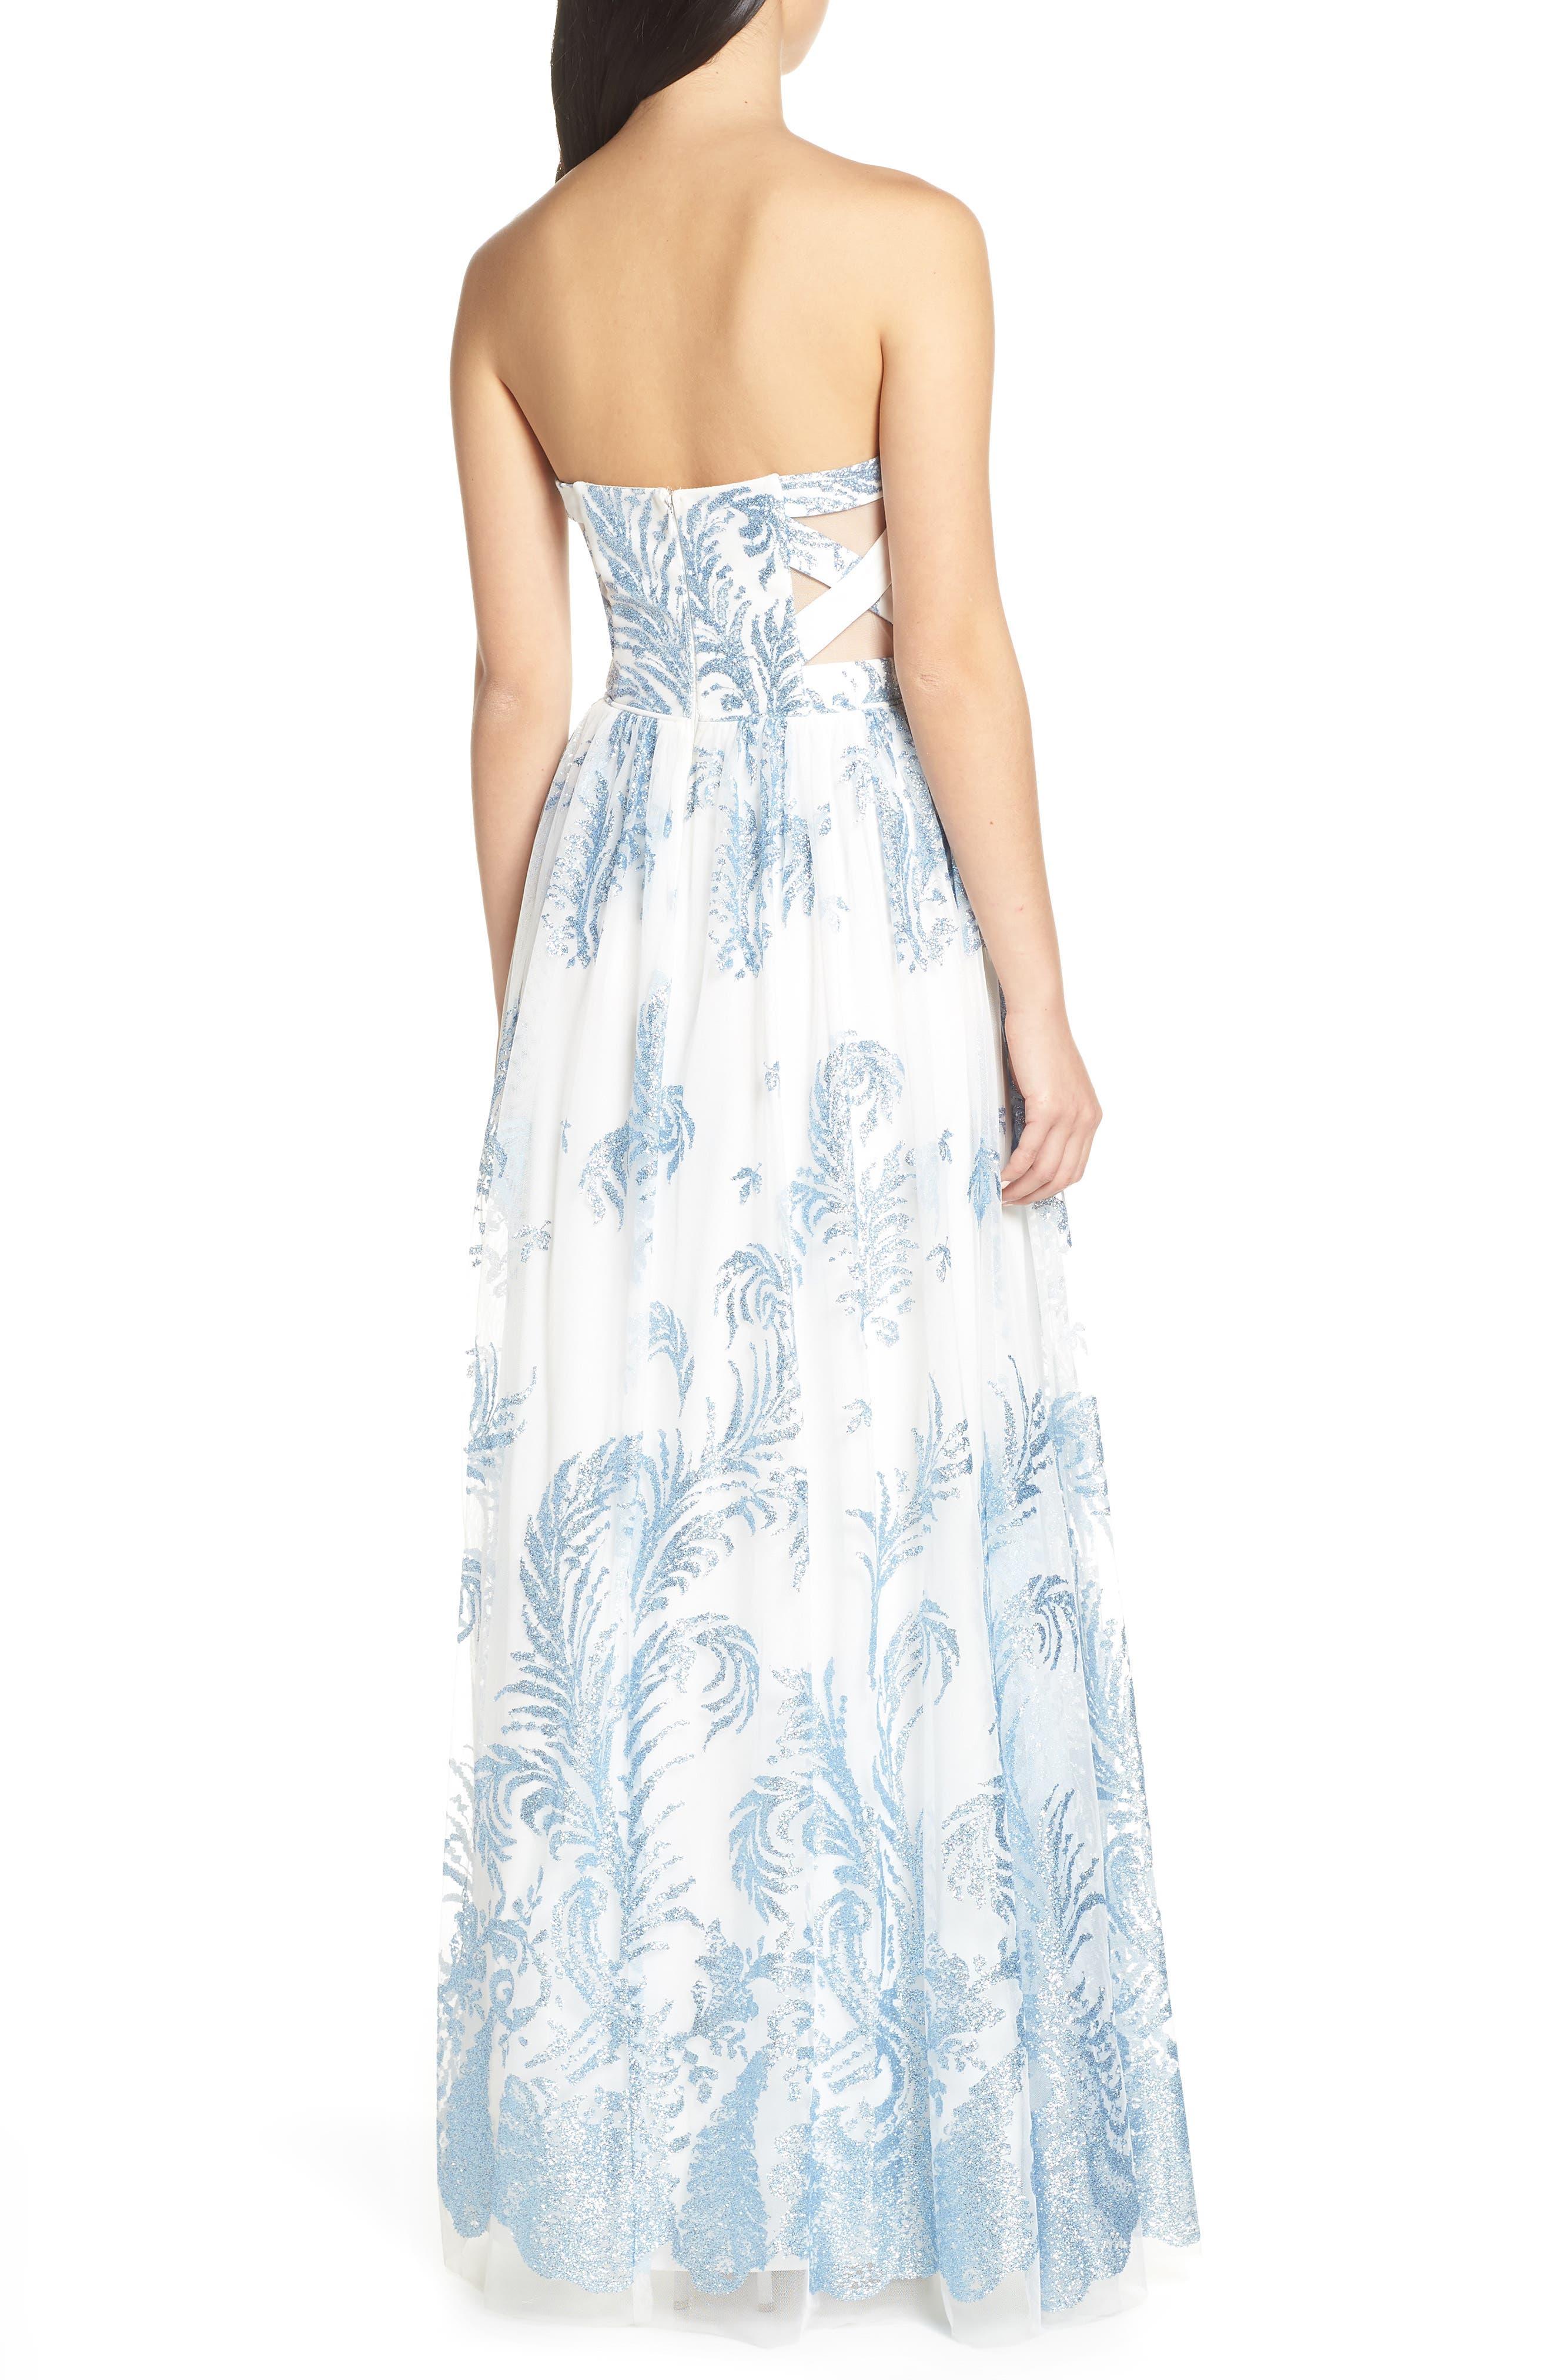 Strapless Glitter Mesh Evening Dress,                             Alternate thumbnail 2, color,                             IVORY/ BLUE